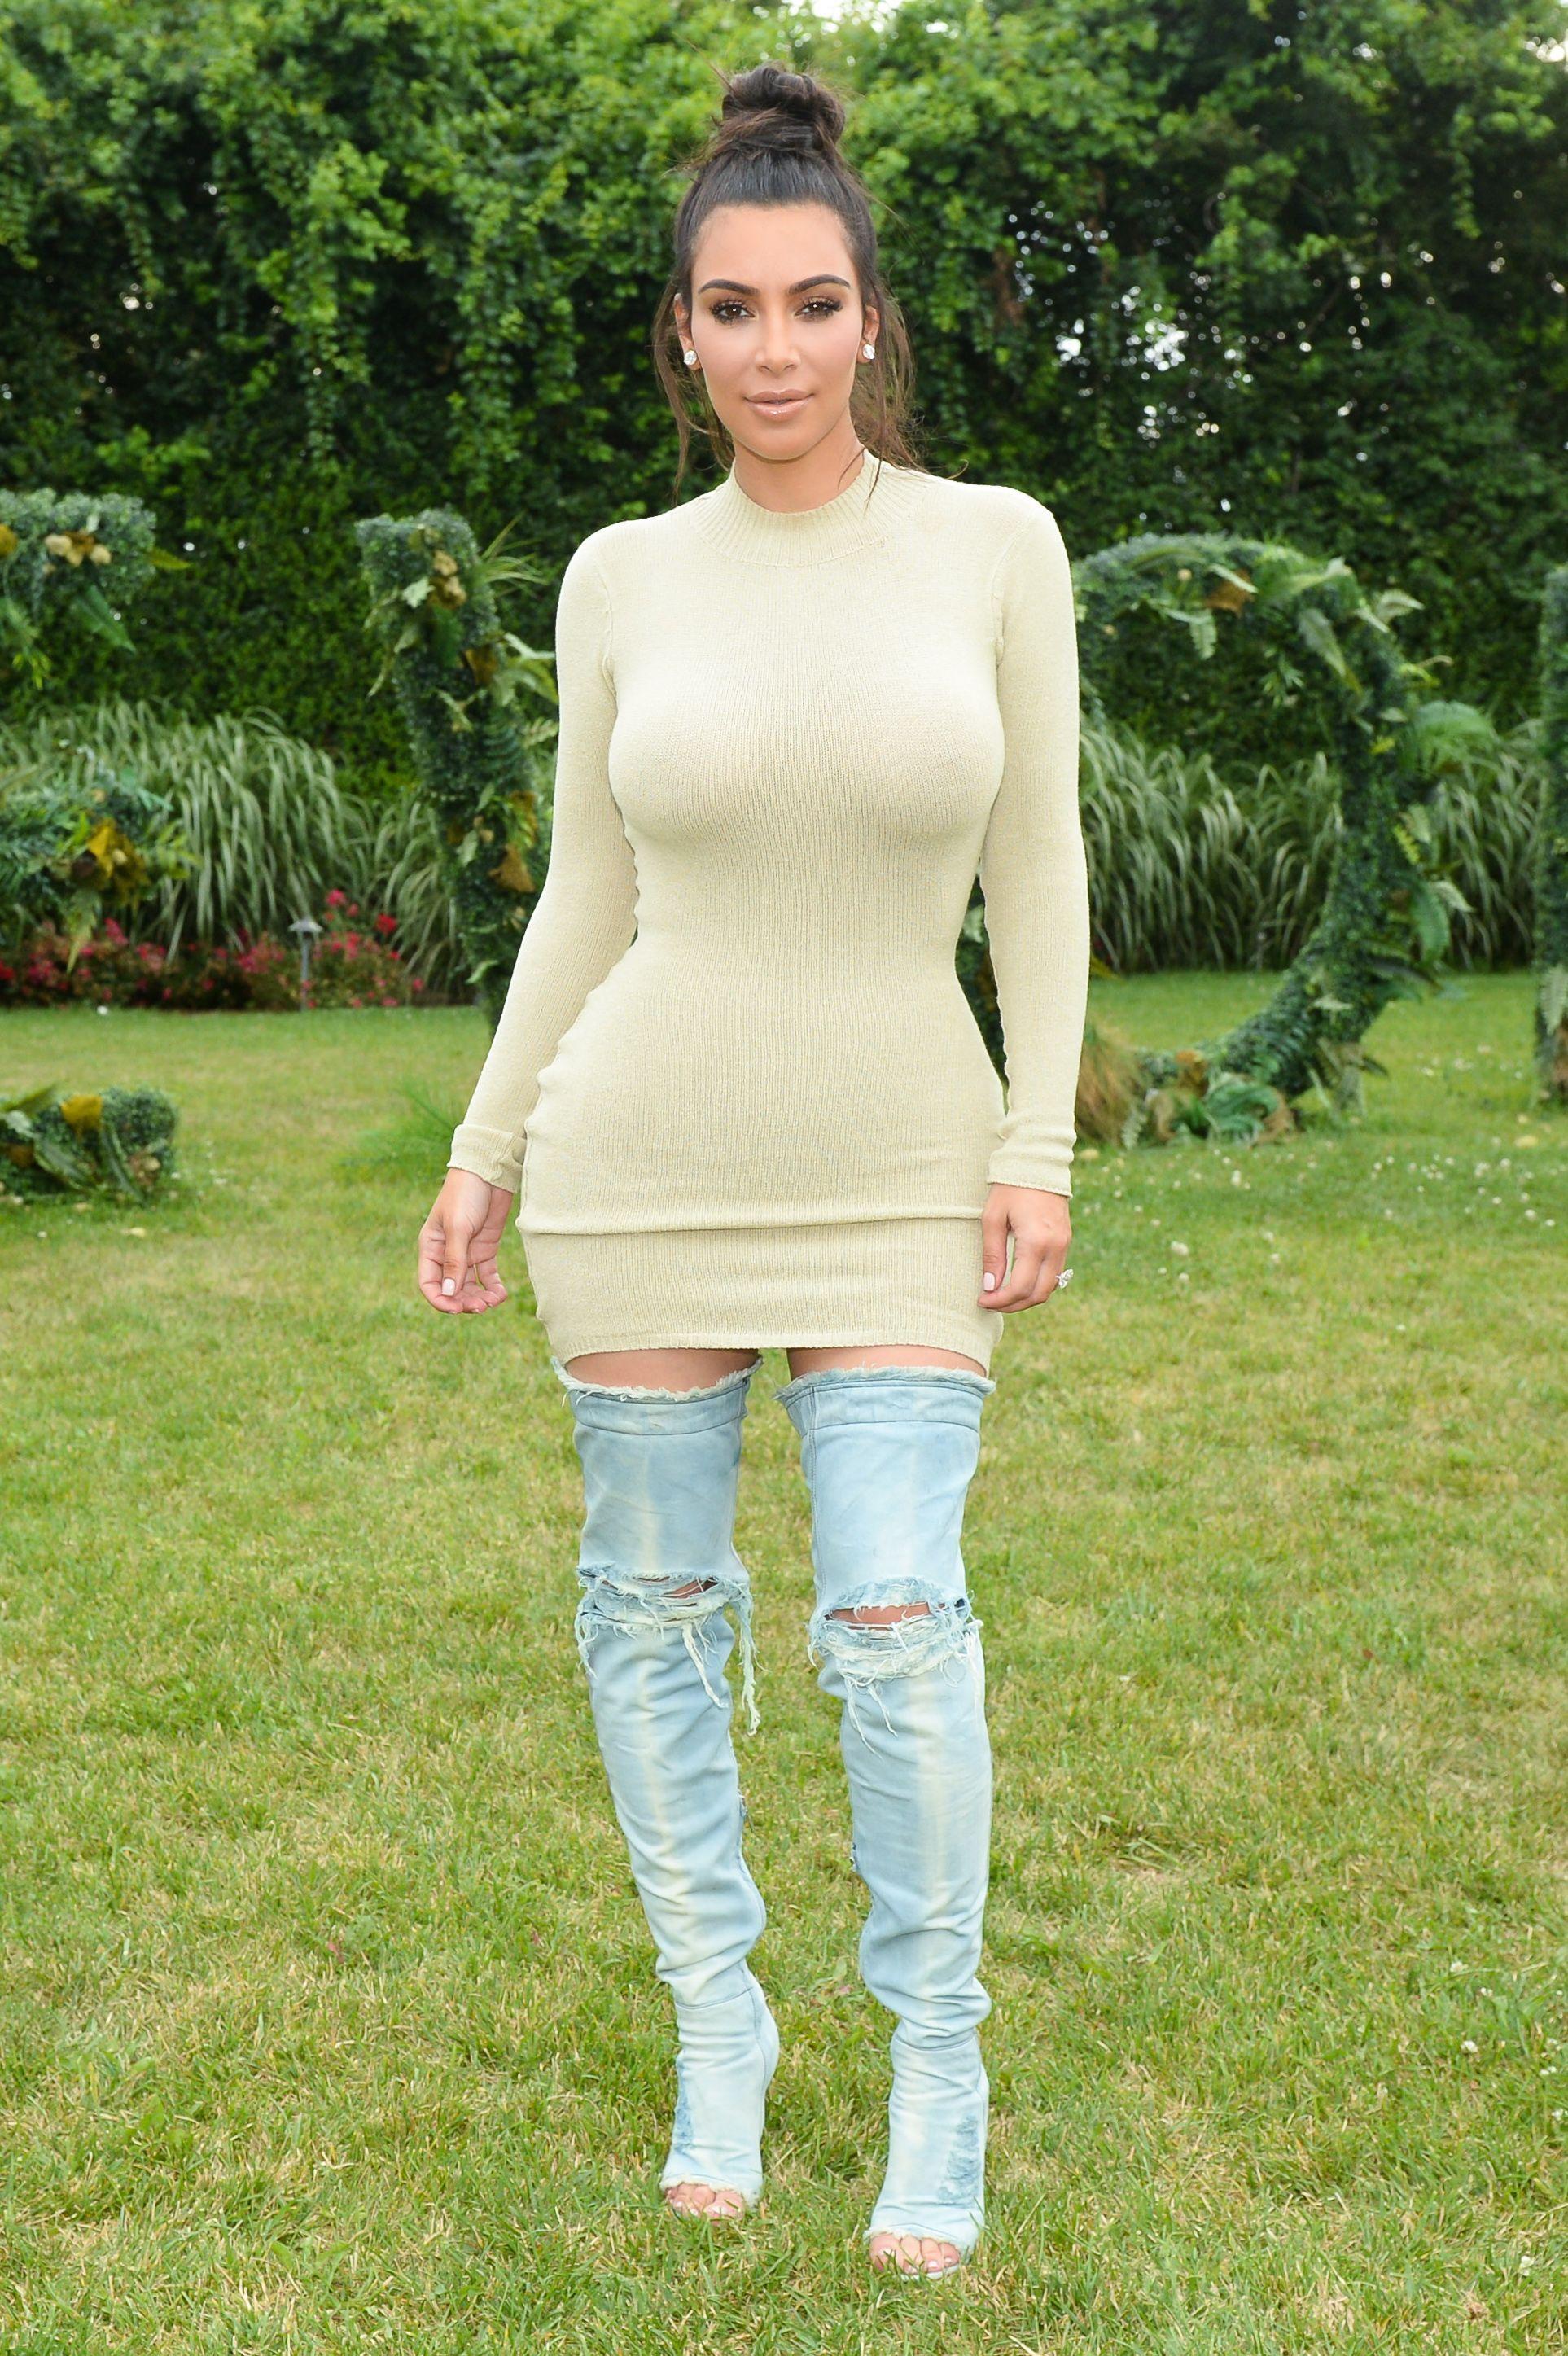 Kim-Kardashian-Sexy-5-1 (1)